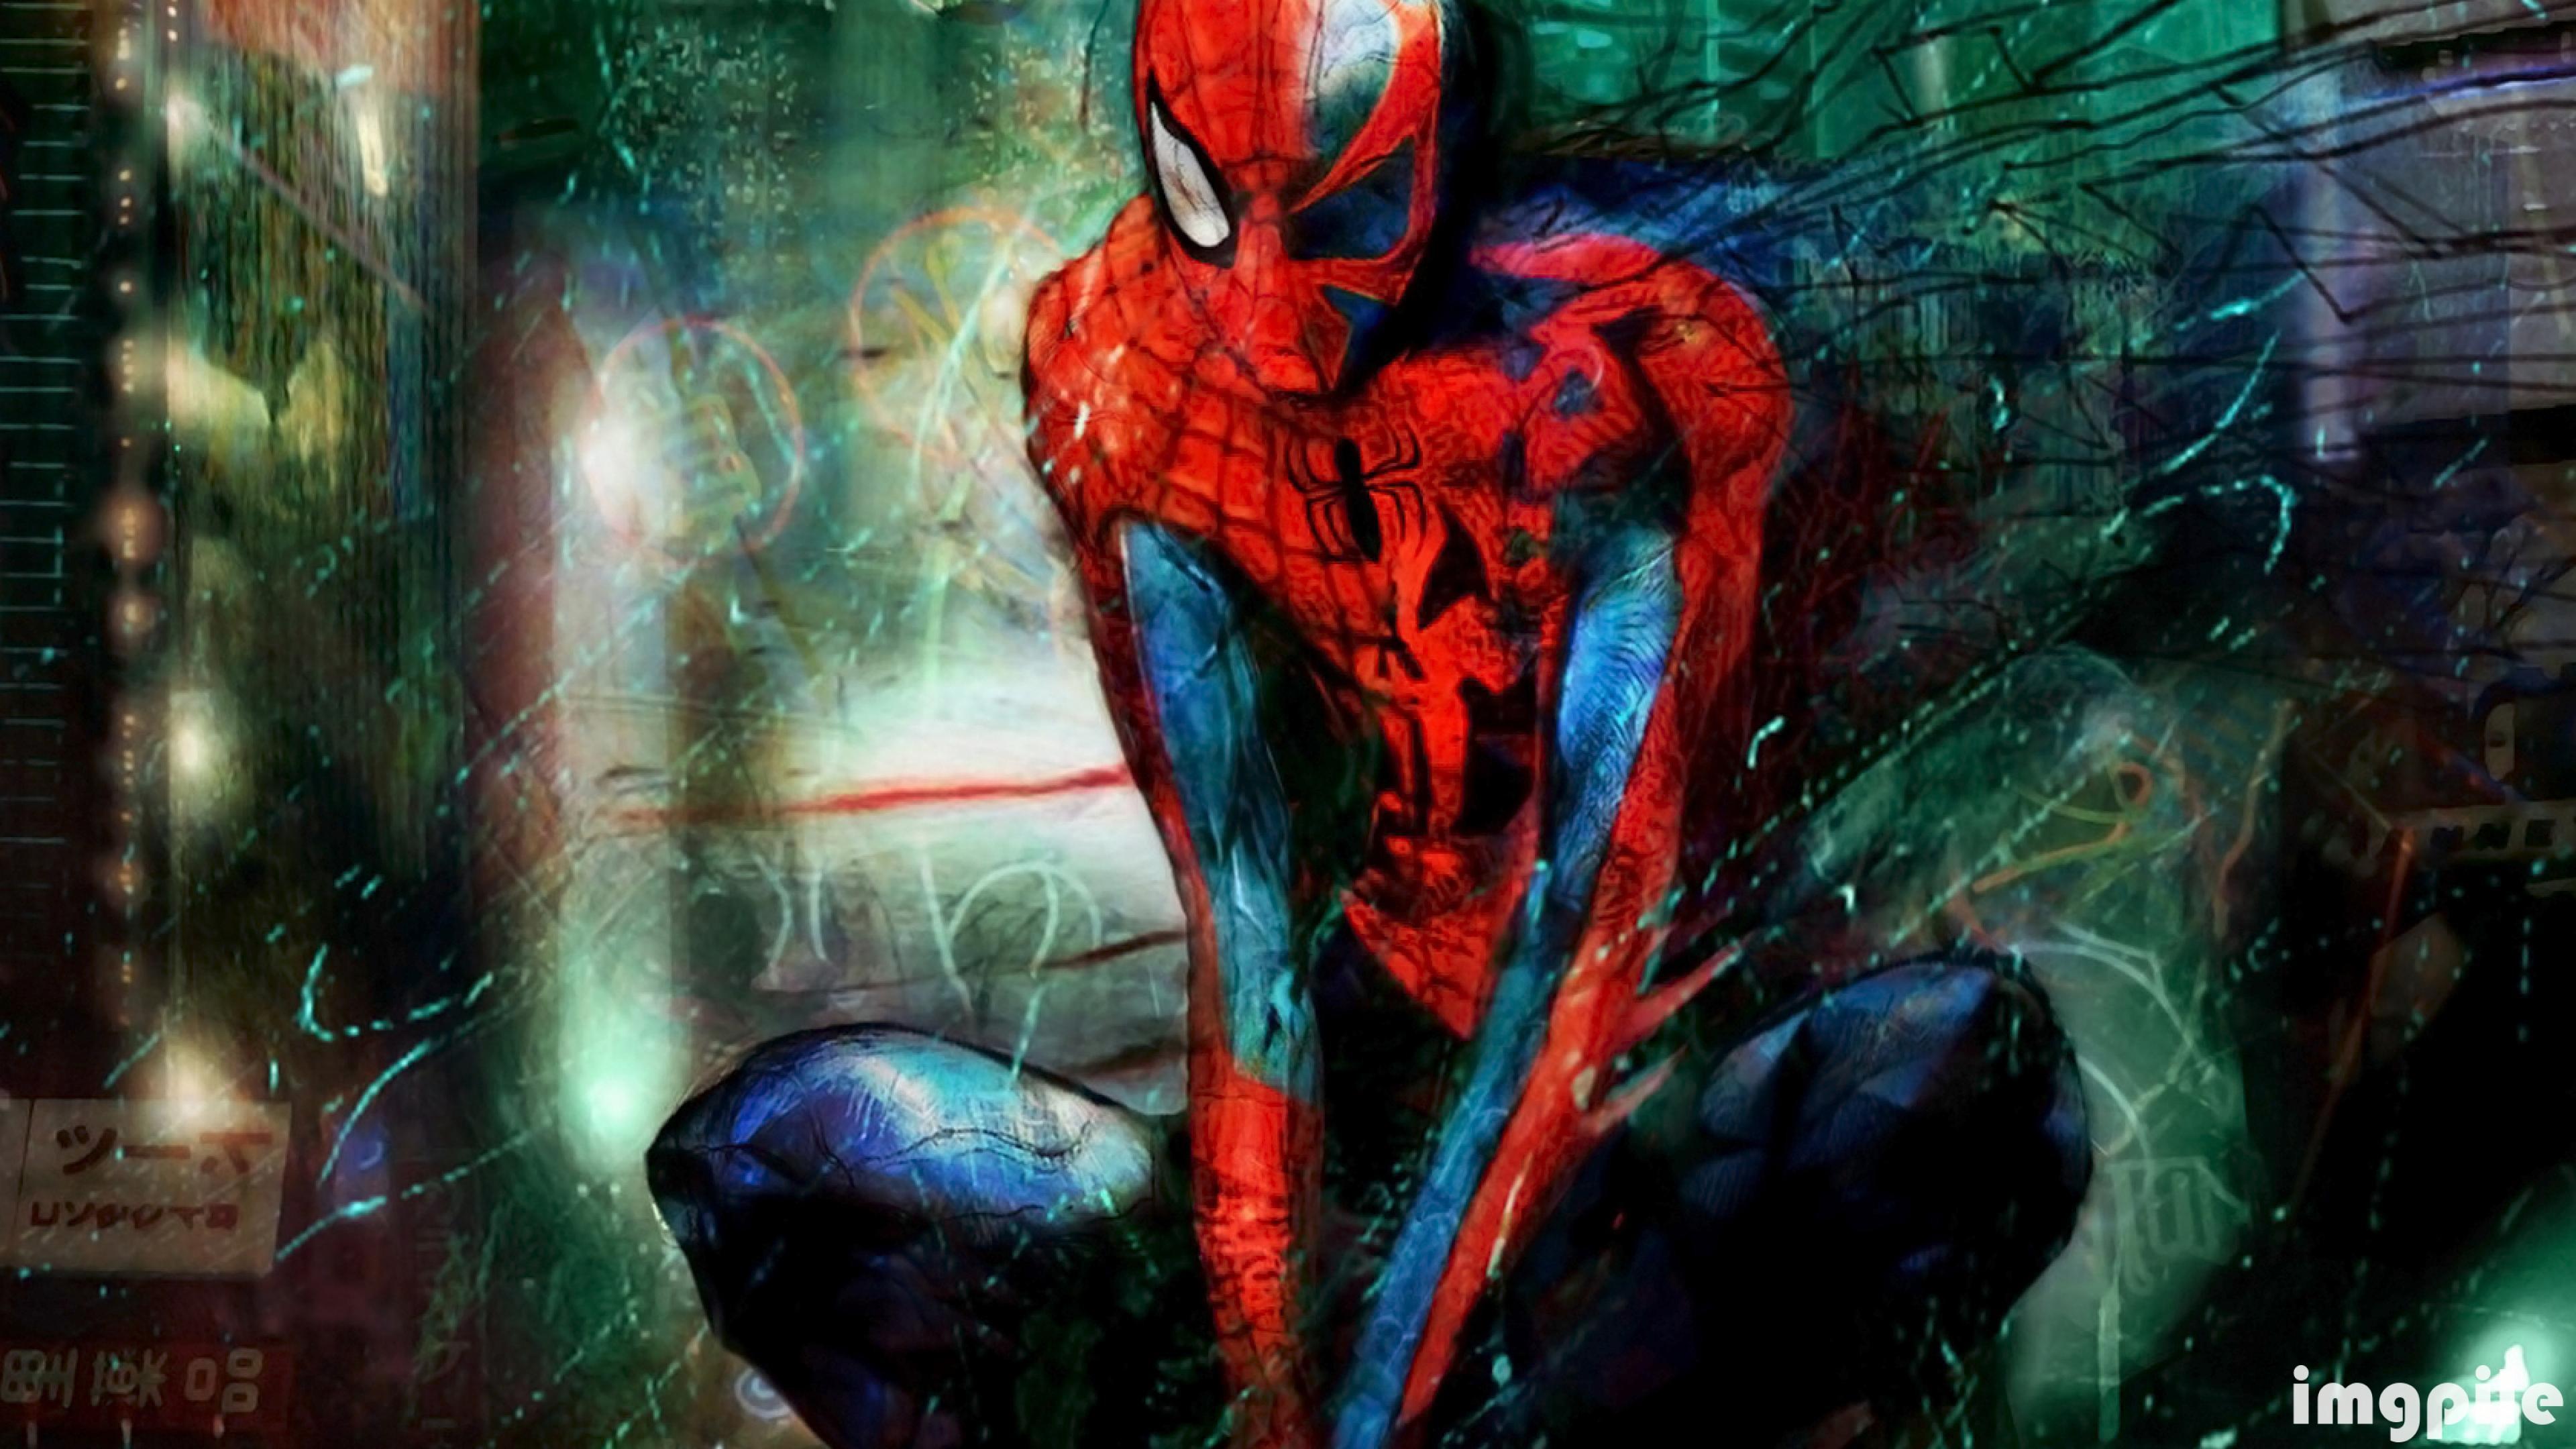 Superhero 4k Movie Wallpaper 22 Imgpile